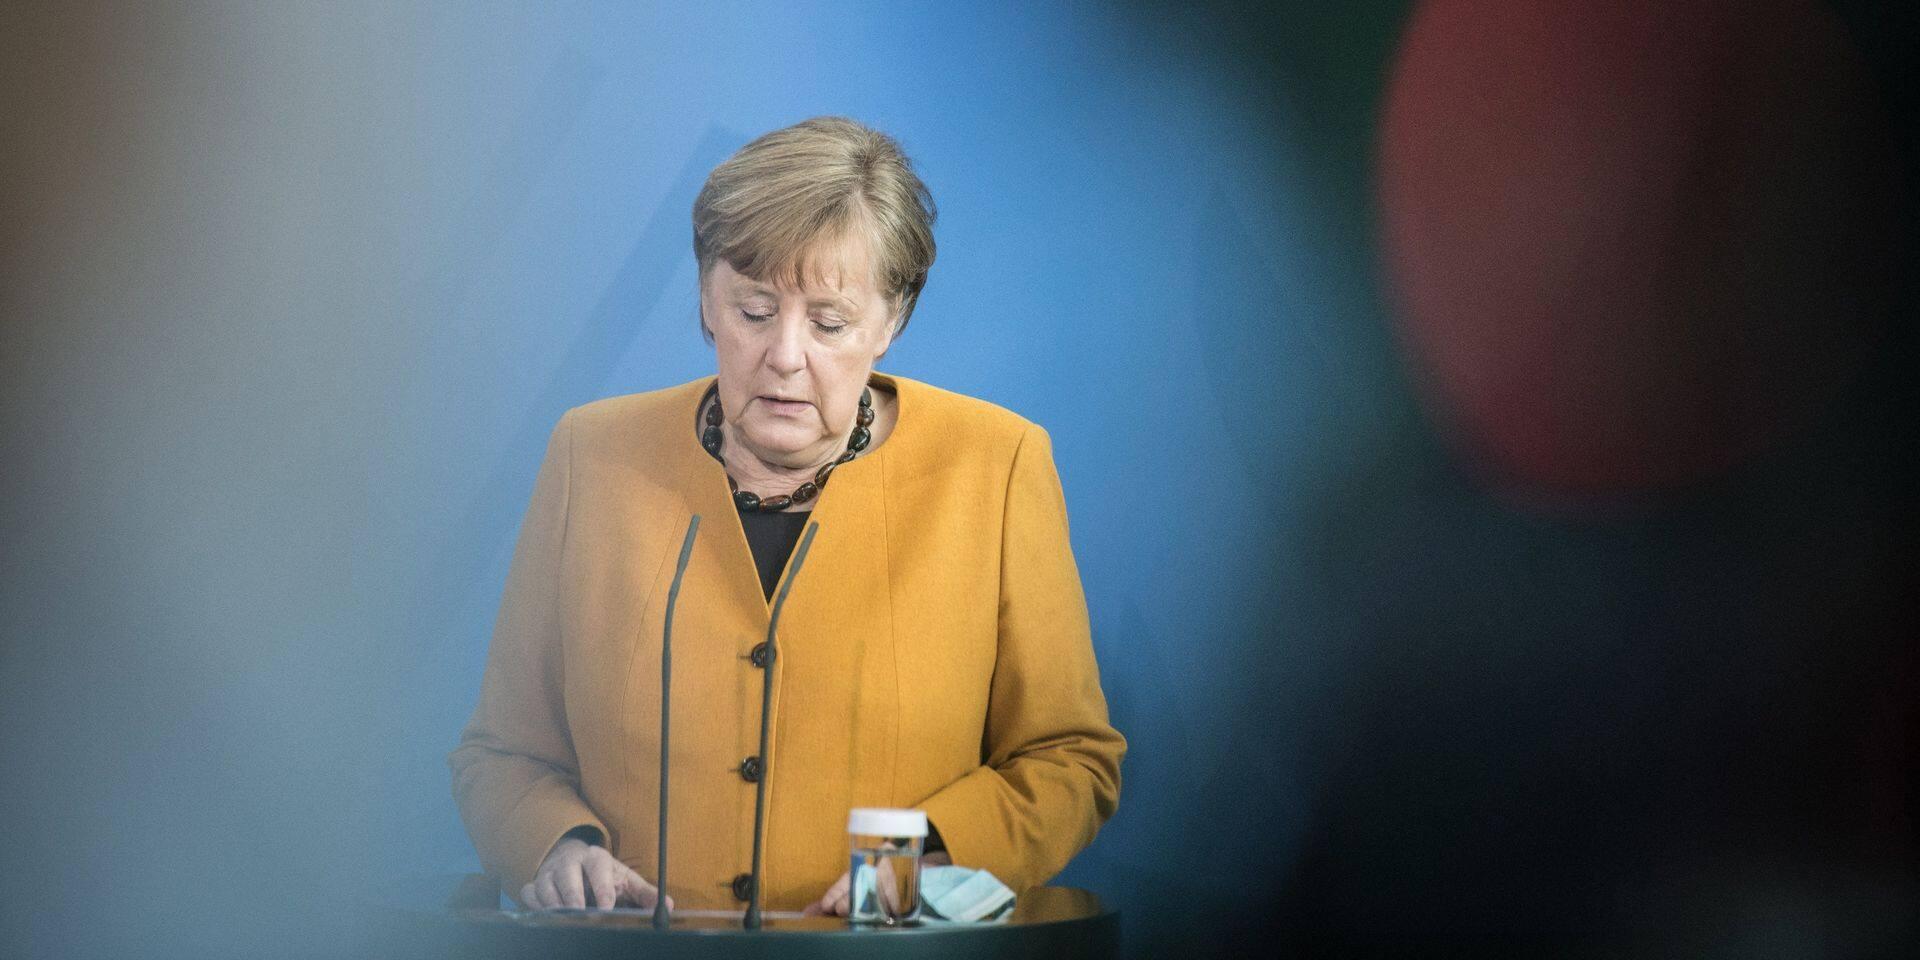 """Face au """"chaos"""", Angela Merkel fait marche arrière et annule une mesure: """"C'est un désastre pour elle et pour la politique allemande"""""""